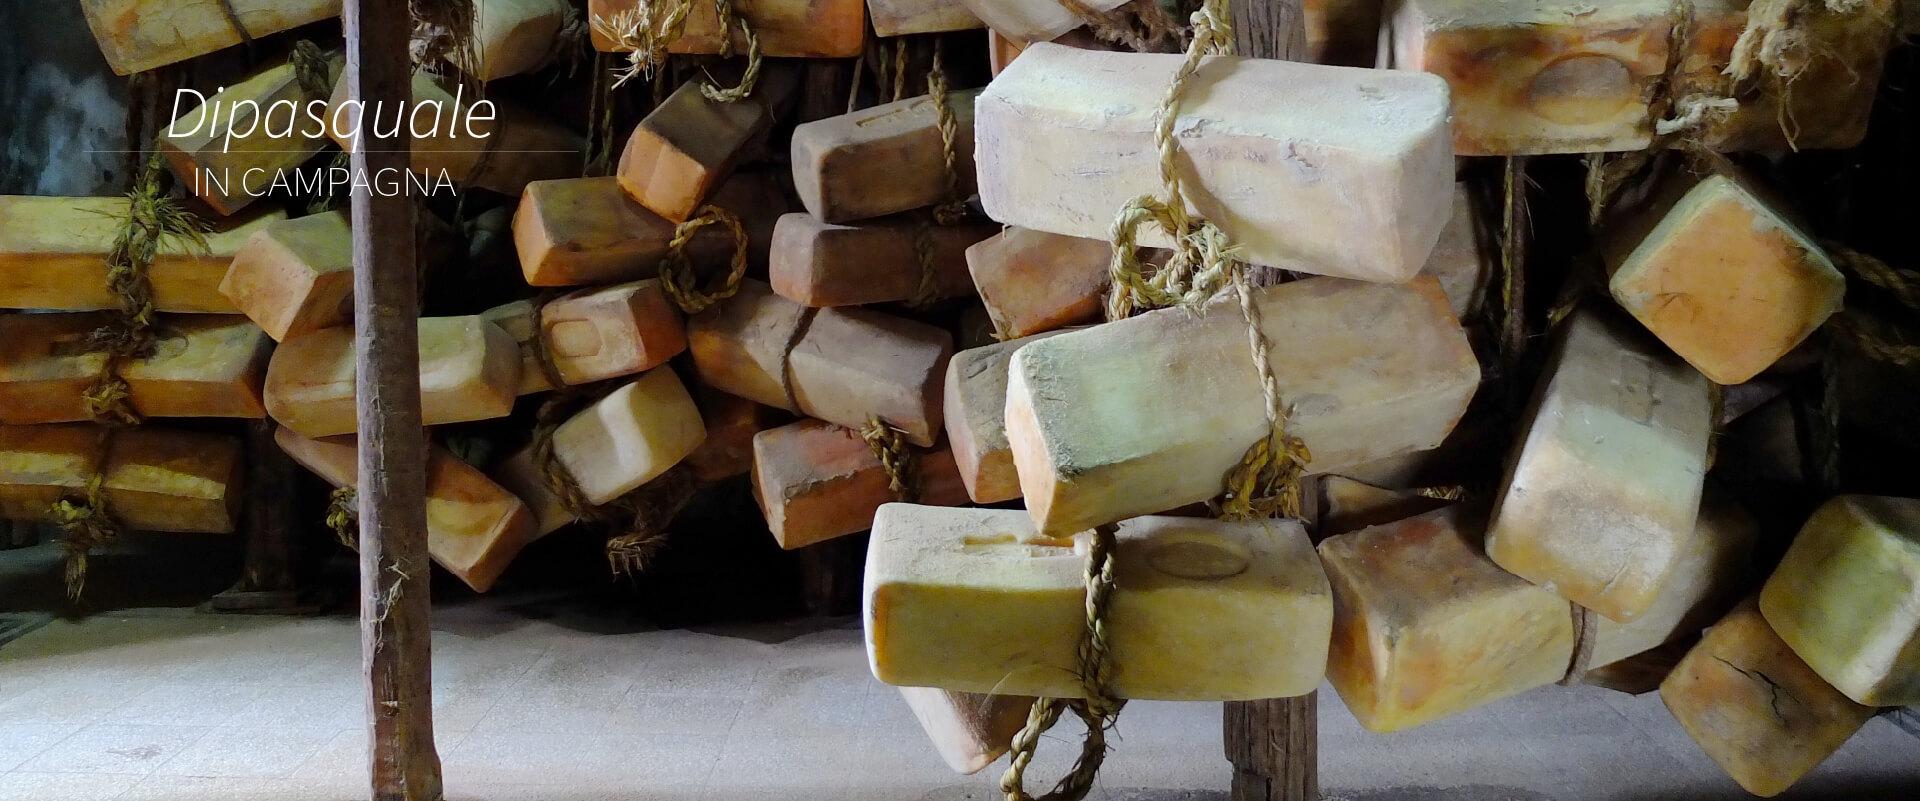 Dojrzewalnia serów w Ragusie